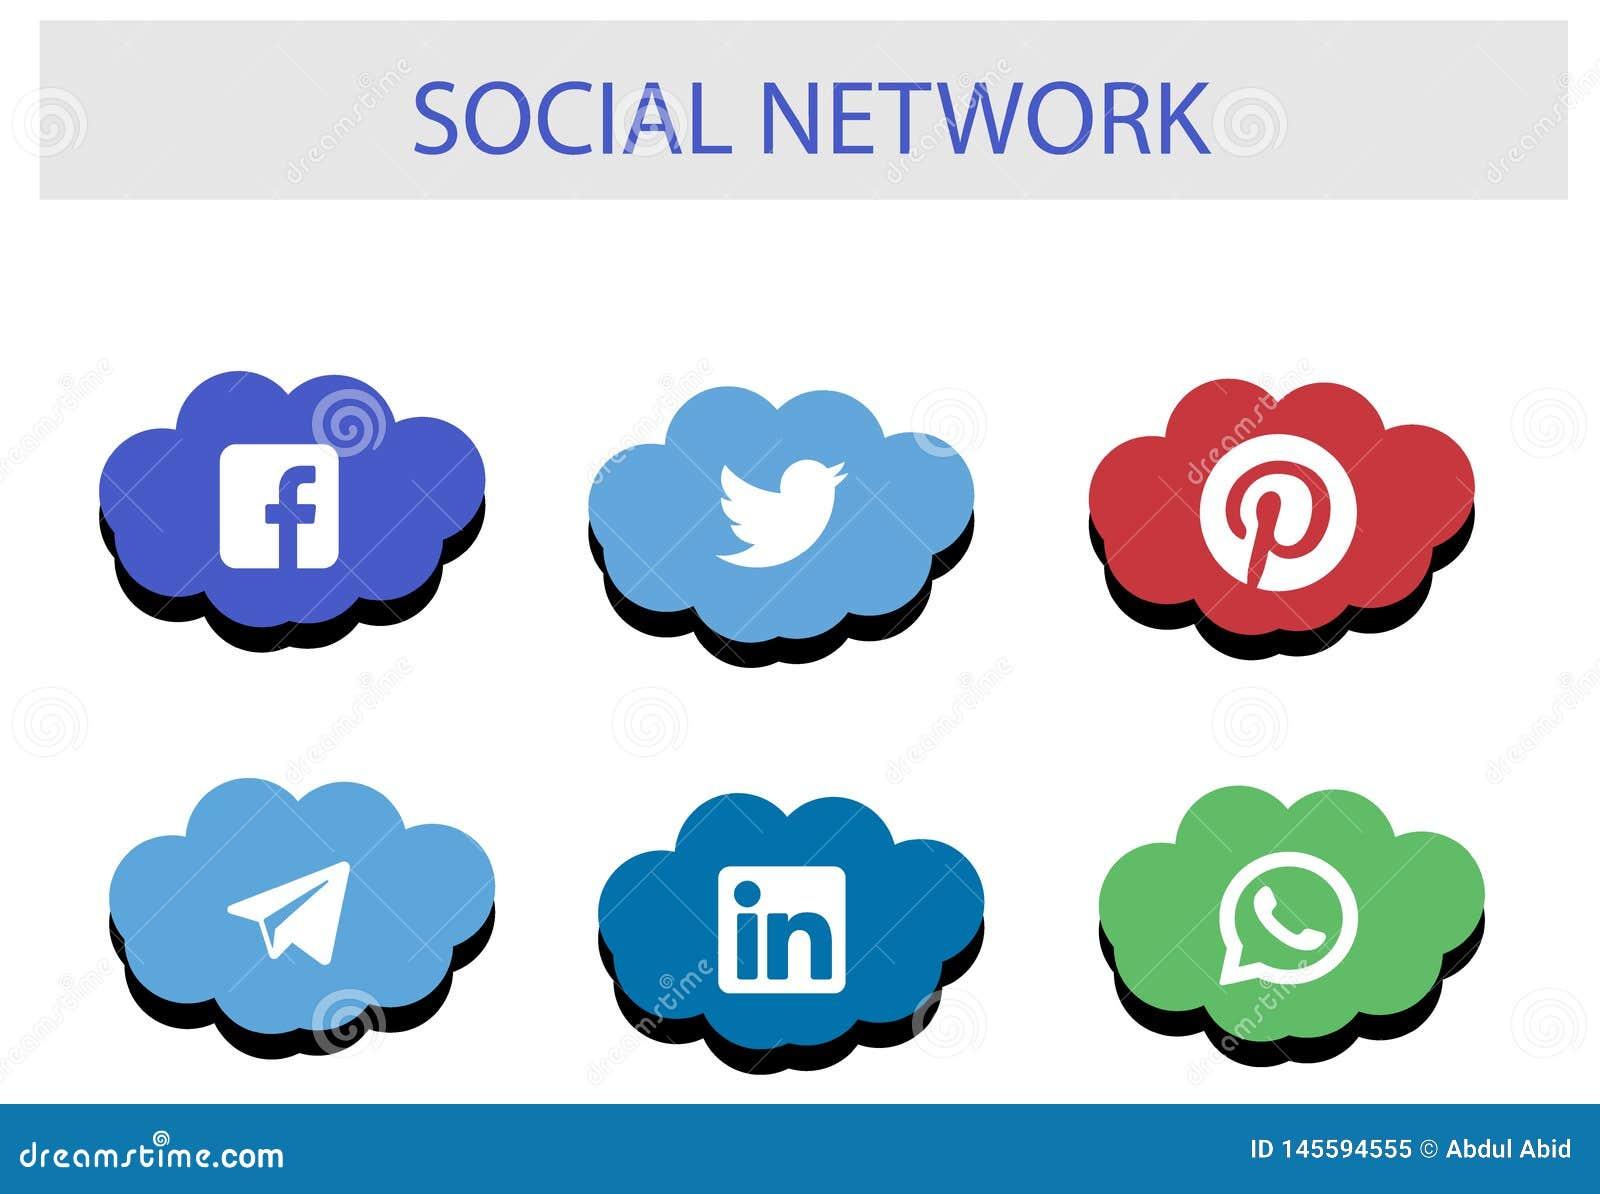 Κοινωνική συσκευασία εικονιδίων δικτύων: Τοπ εμπορικό σήμα των κοινωνικών μέσων